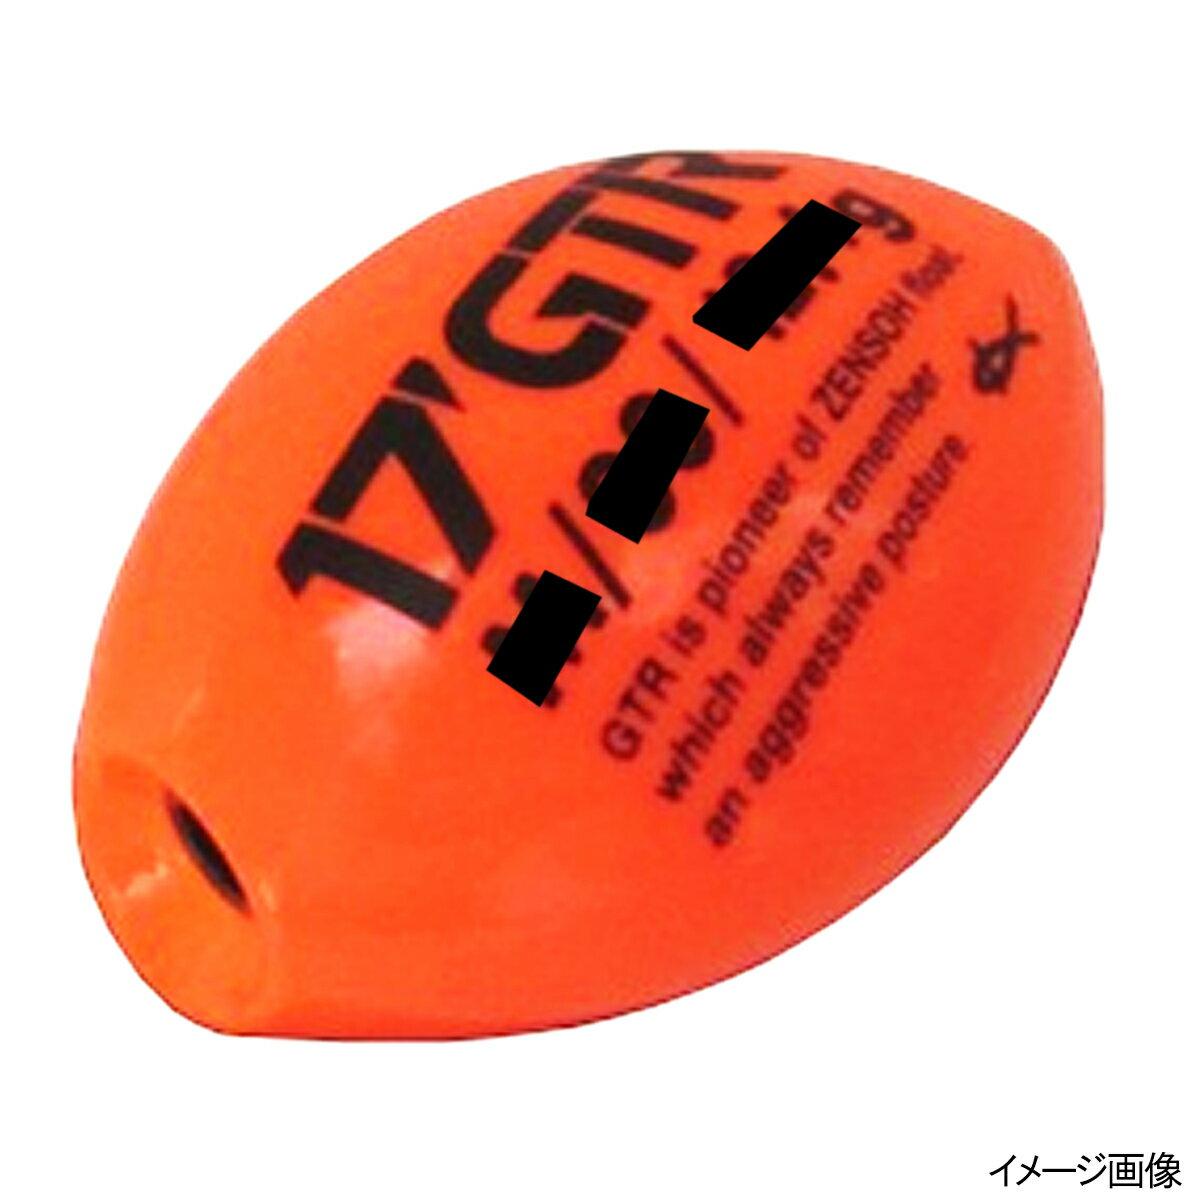 フィッシング, ウキ 31P37 17GTR L 000